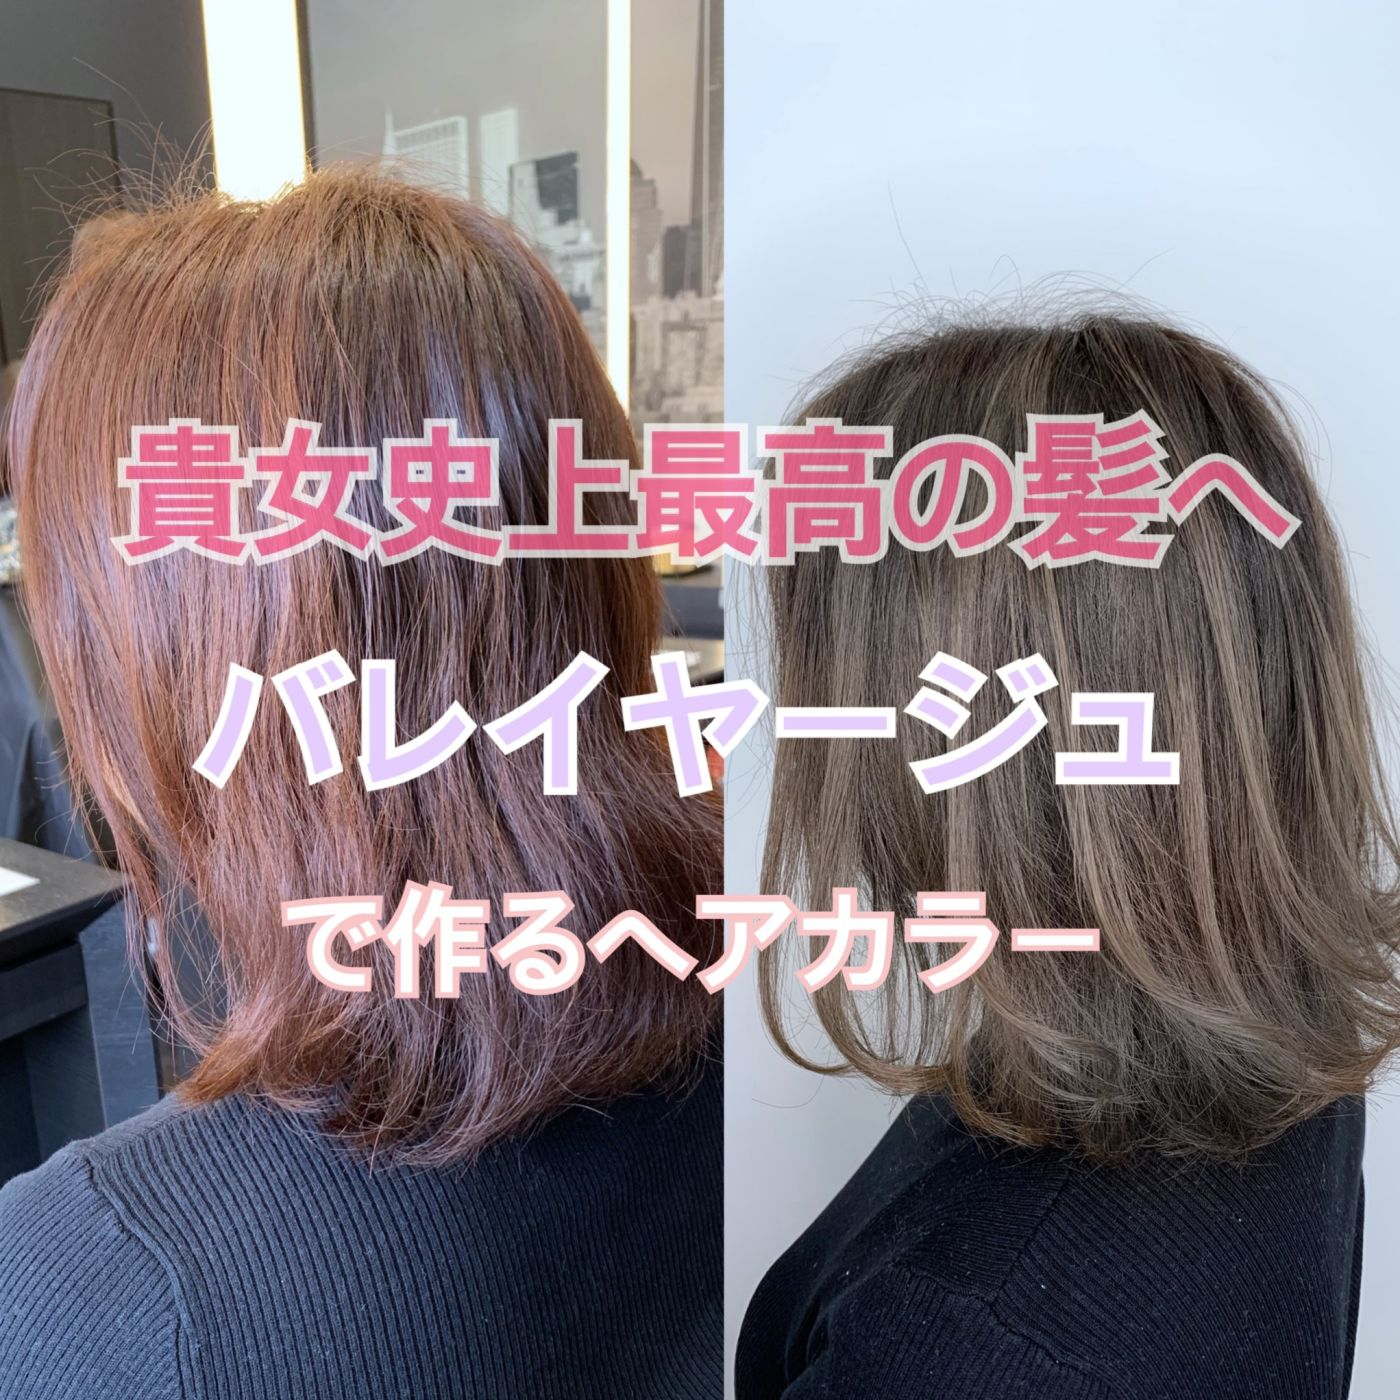 【貴女史上最高の髪へ】バレイヤージュで作るヘアカラー